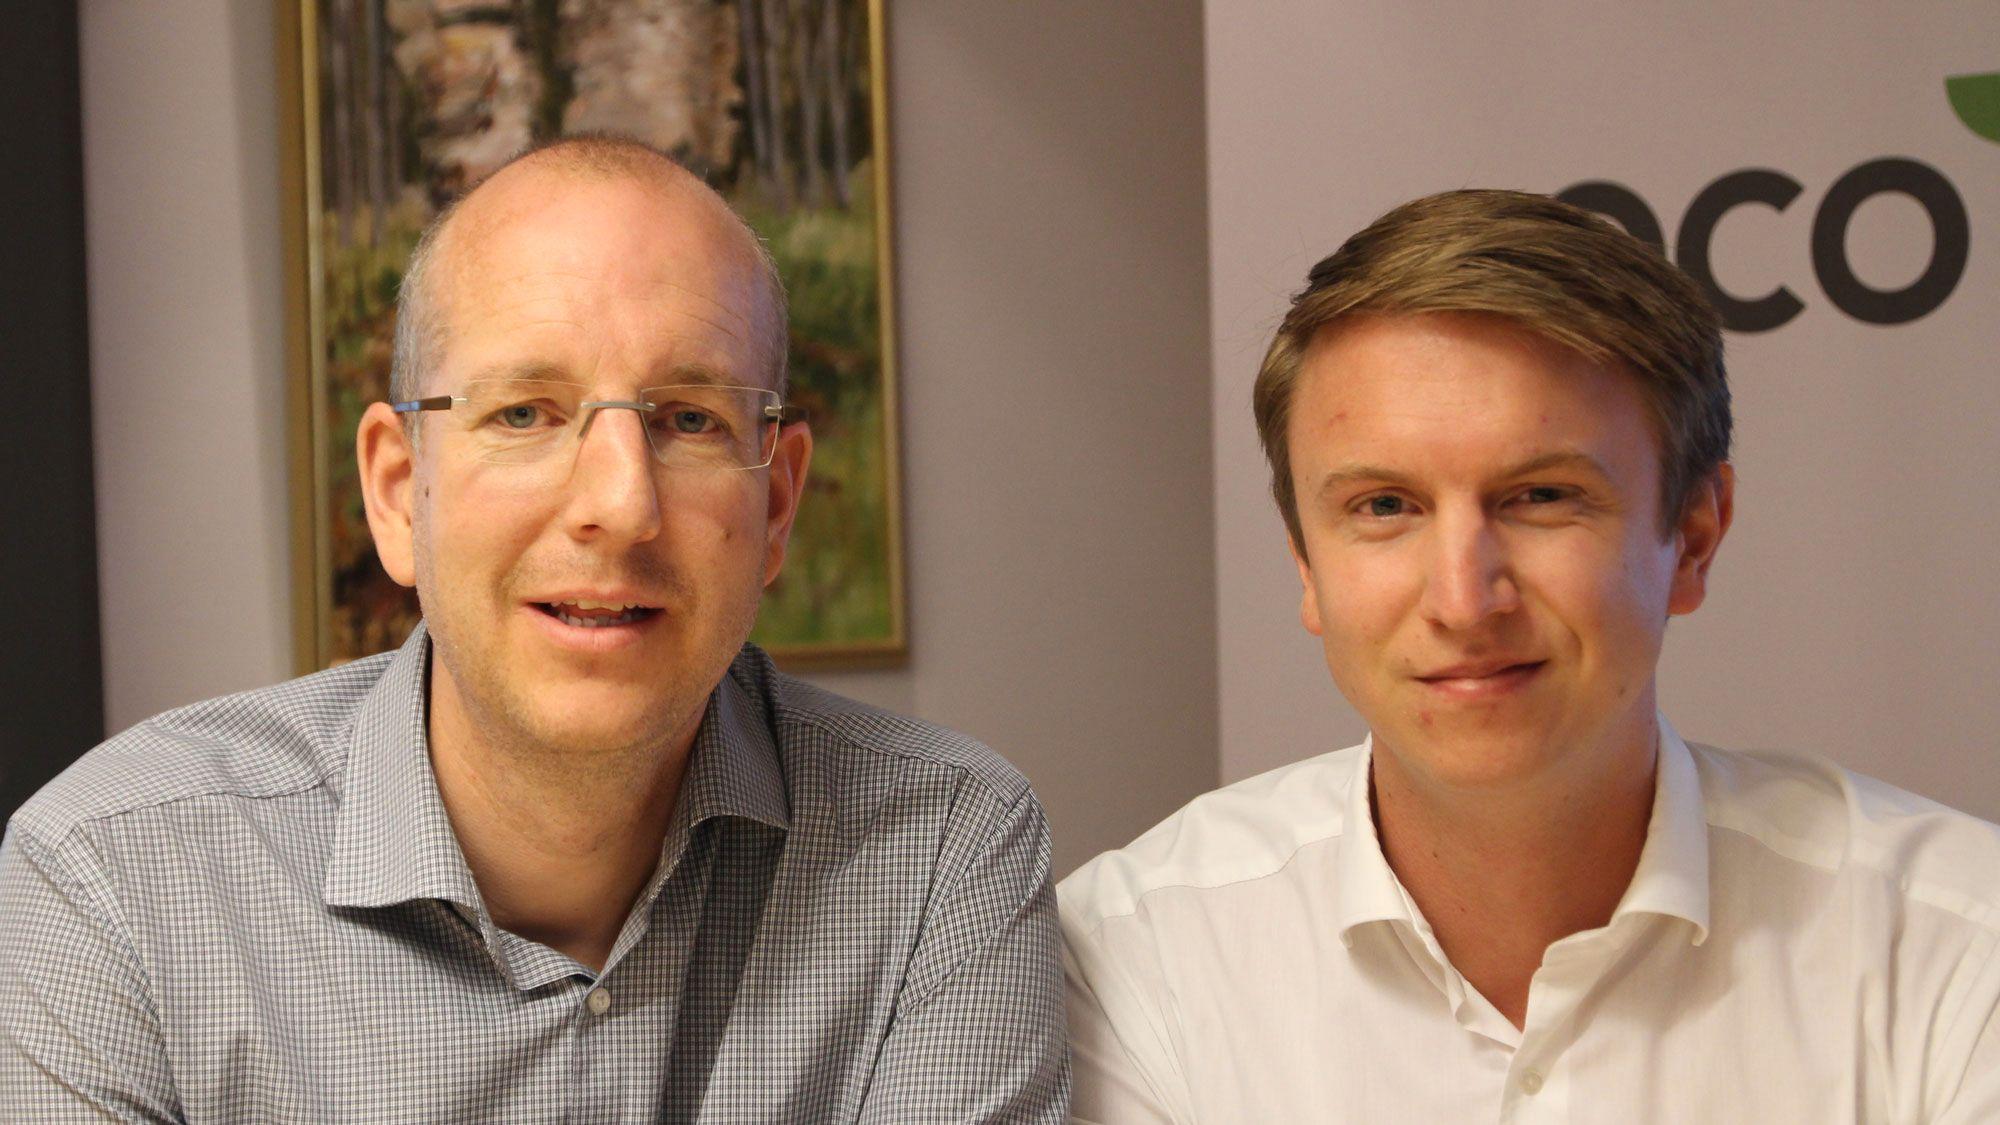 Norske IT-gründerestartet for seg selv – femdoblet på under ett år